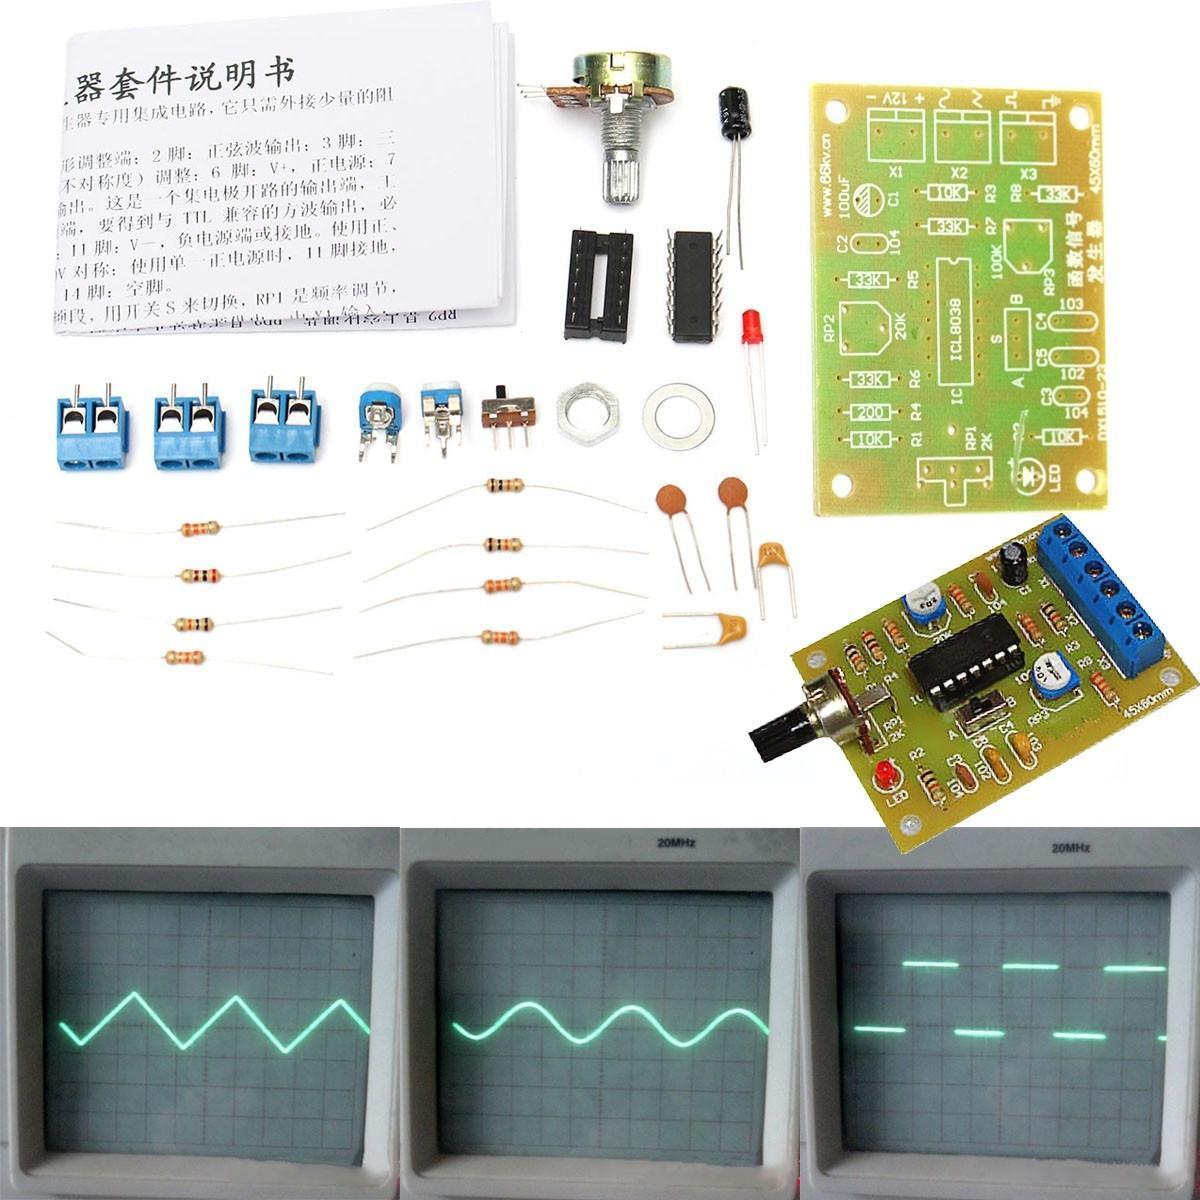 ICL8038 12V DC функция сигнала генератора модуль синус площади треугольника волна вывода синус катетер ямик 3 в москве